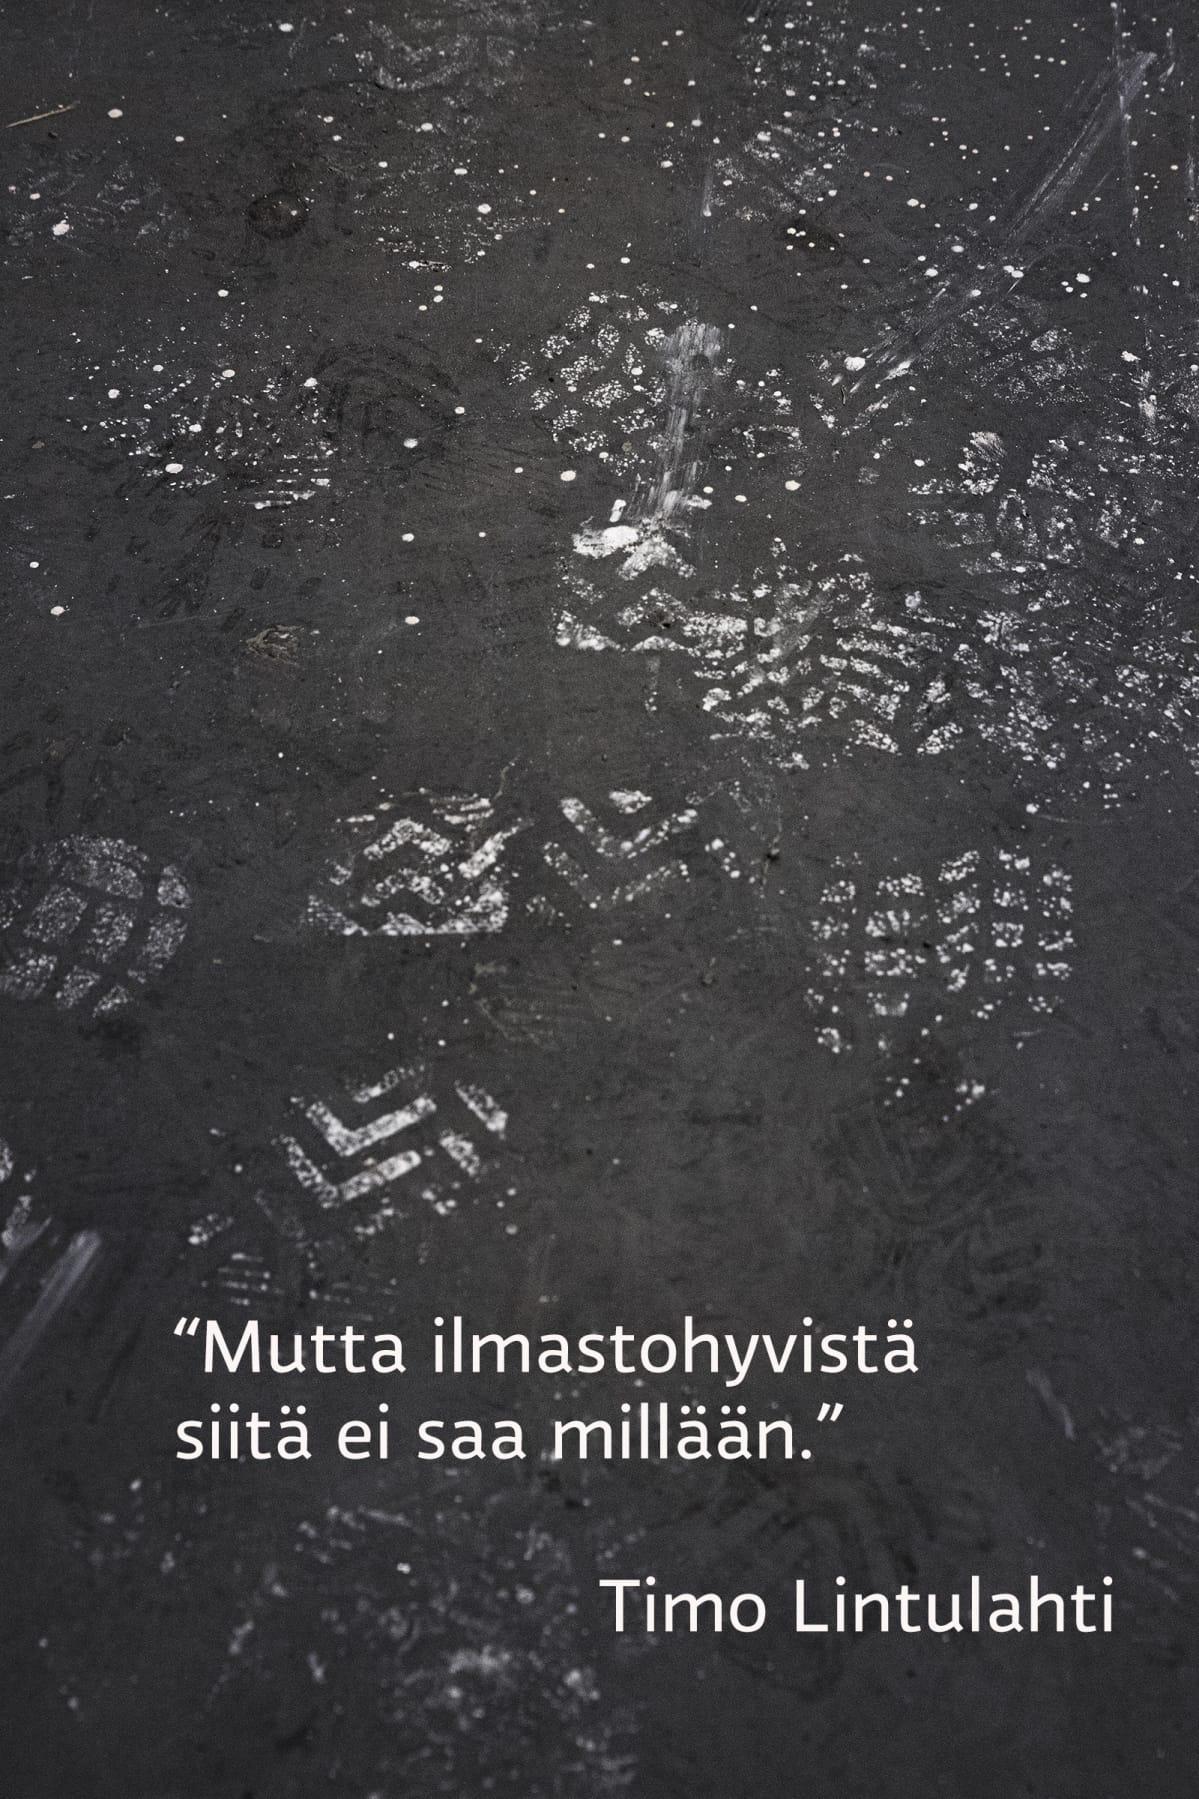 Mutta ilmastohyvistä siitä ei saa millään, sanoo Timo Lintulahti.